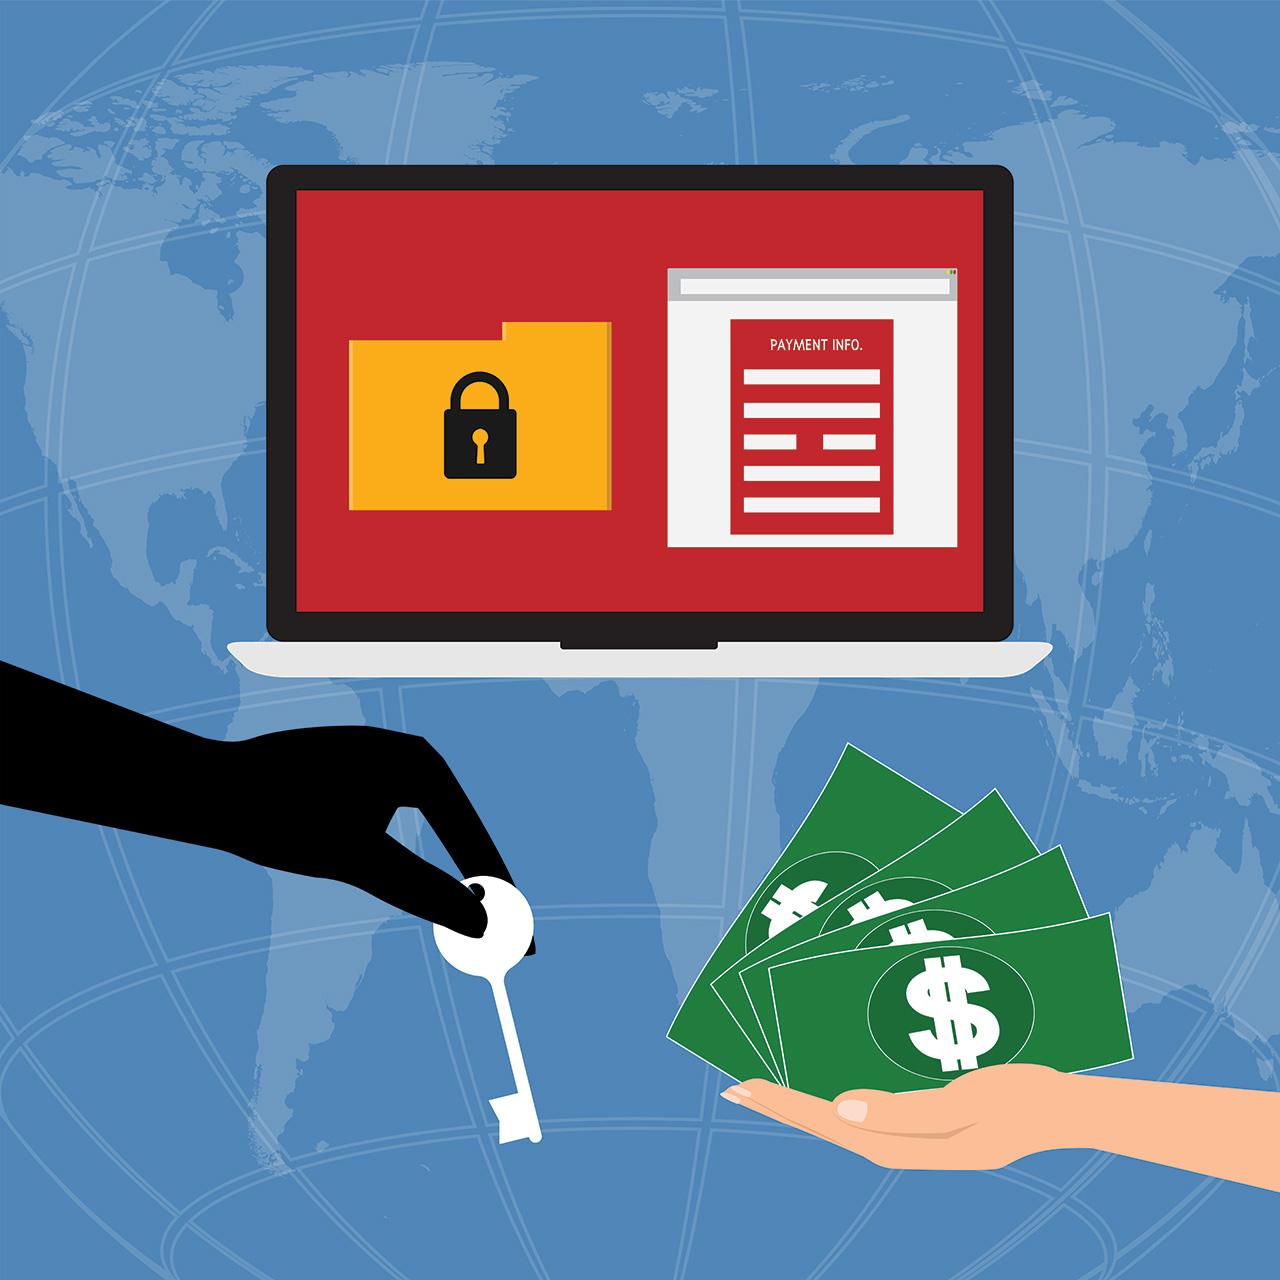 自動阻止加密、自動備份目標檔案?!